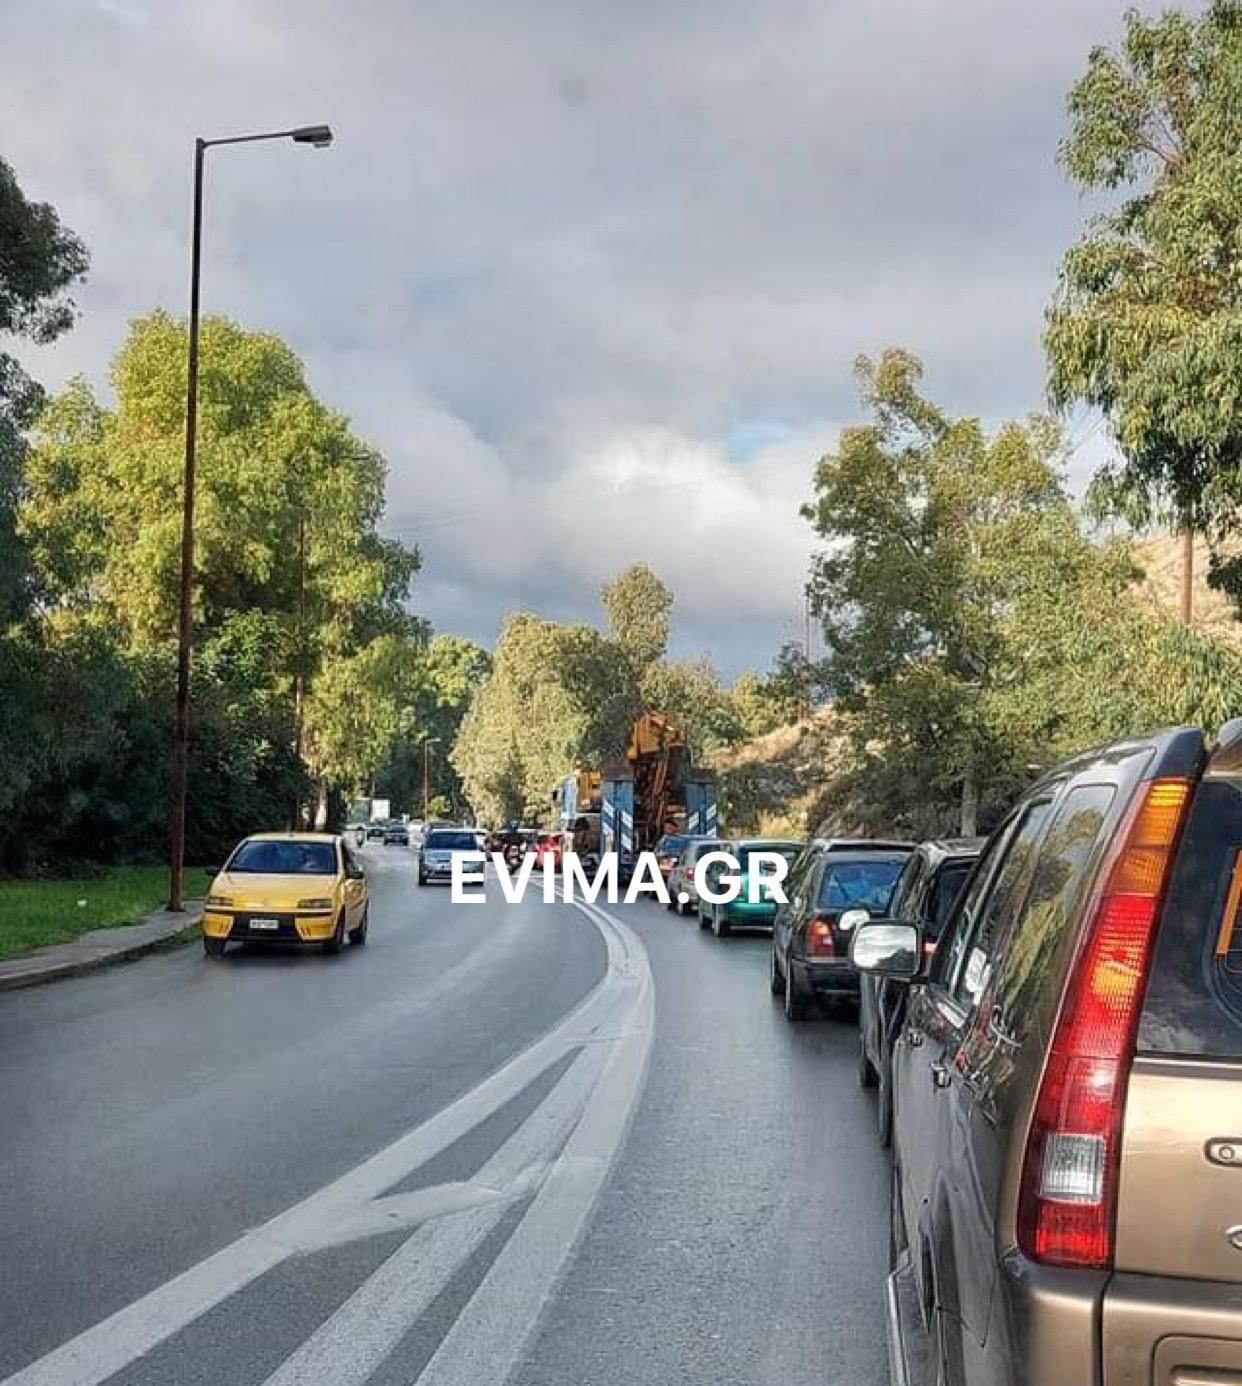 Κυκλοφοριακό κομφούζιο στην είσοδο της Χαλκίδας – Ουρά χιλιομέτρων